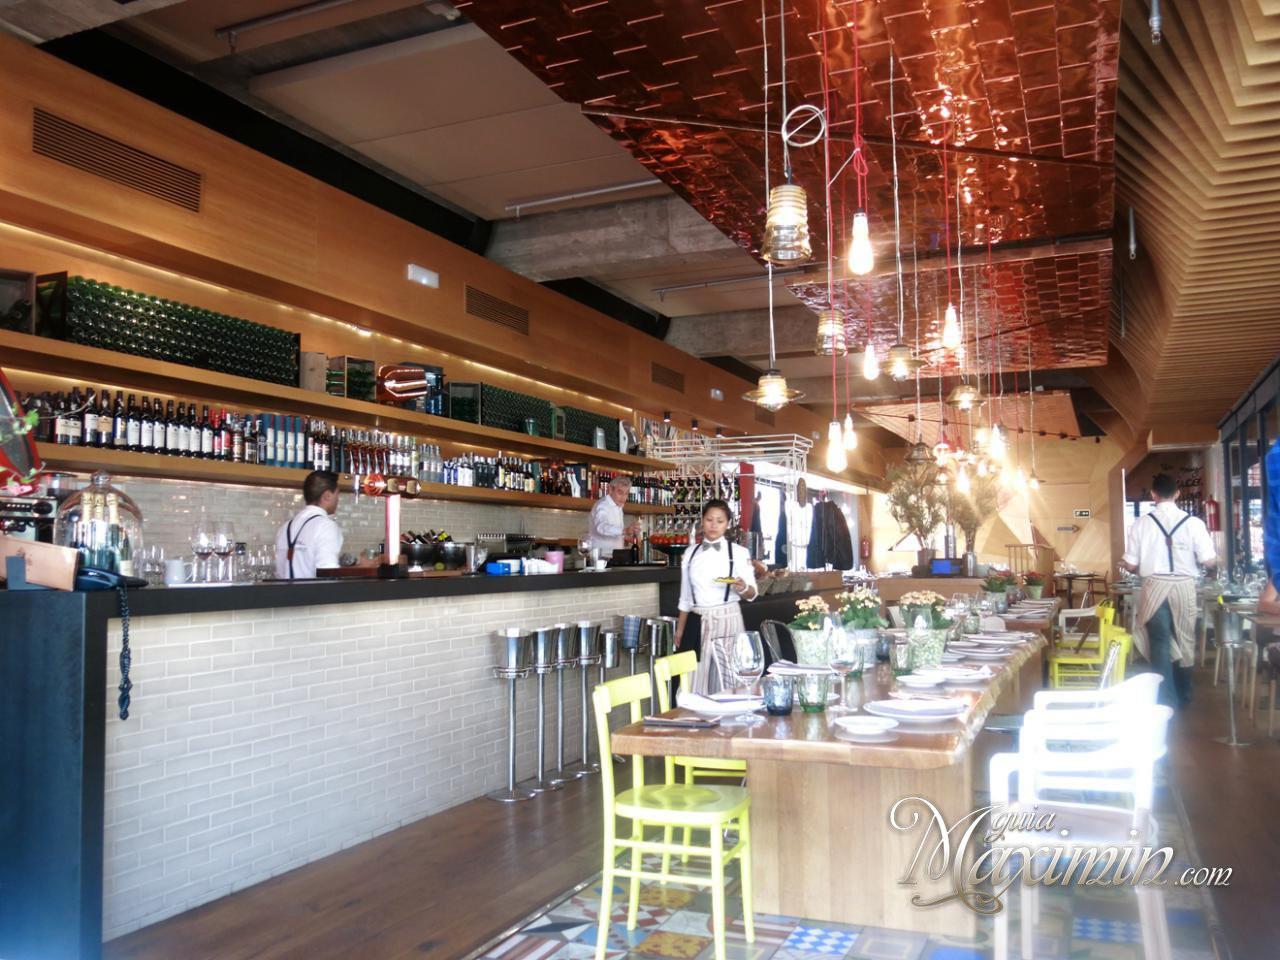 La gazpacher a refresca la cocina de san ant n madrid - La cocina madrid ...